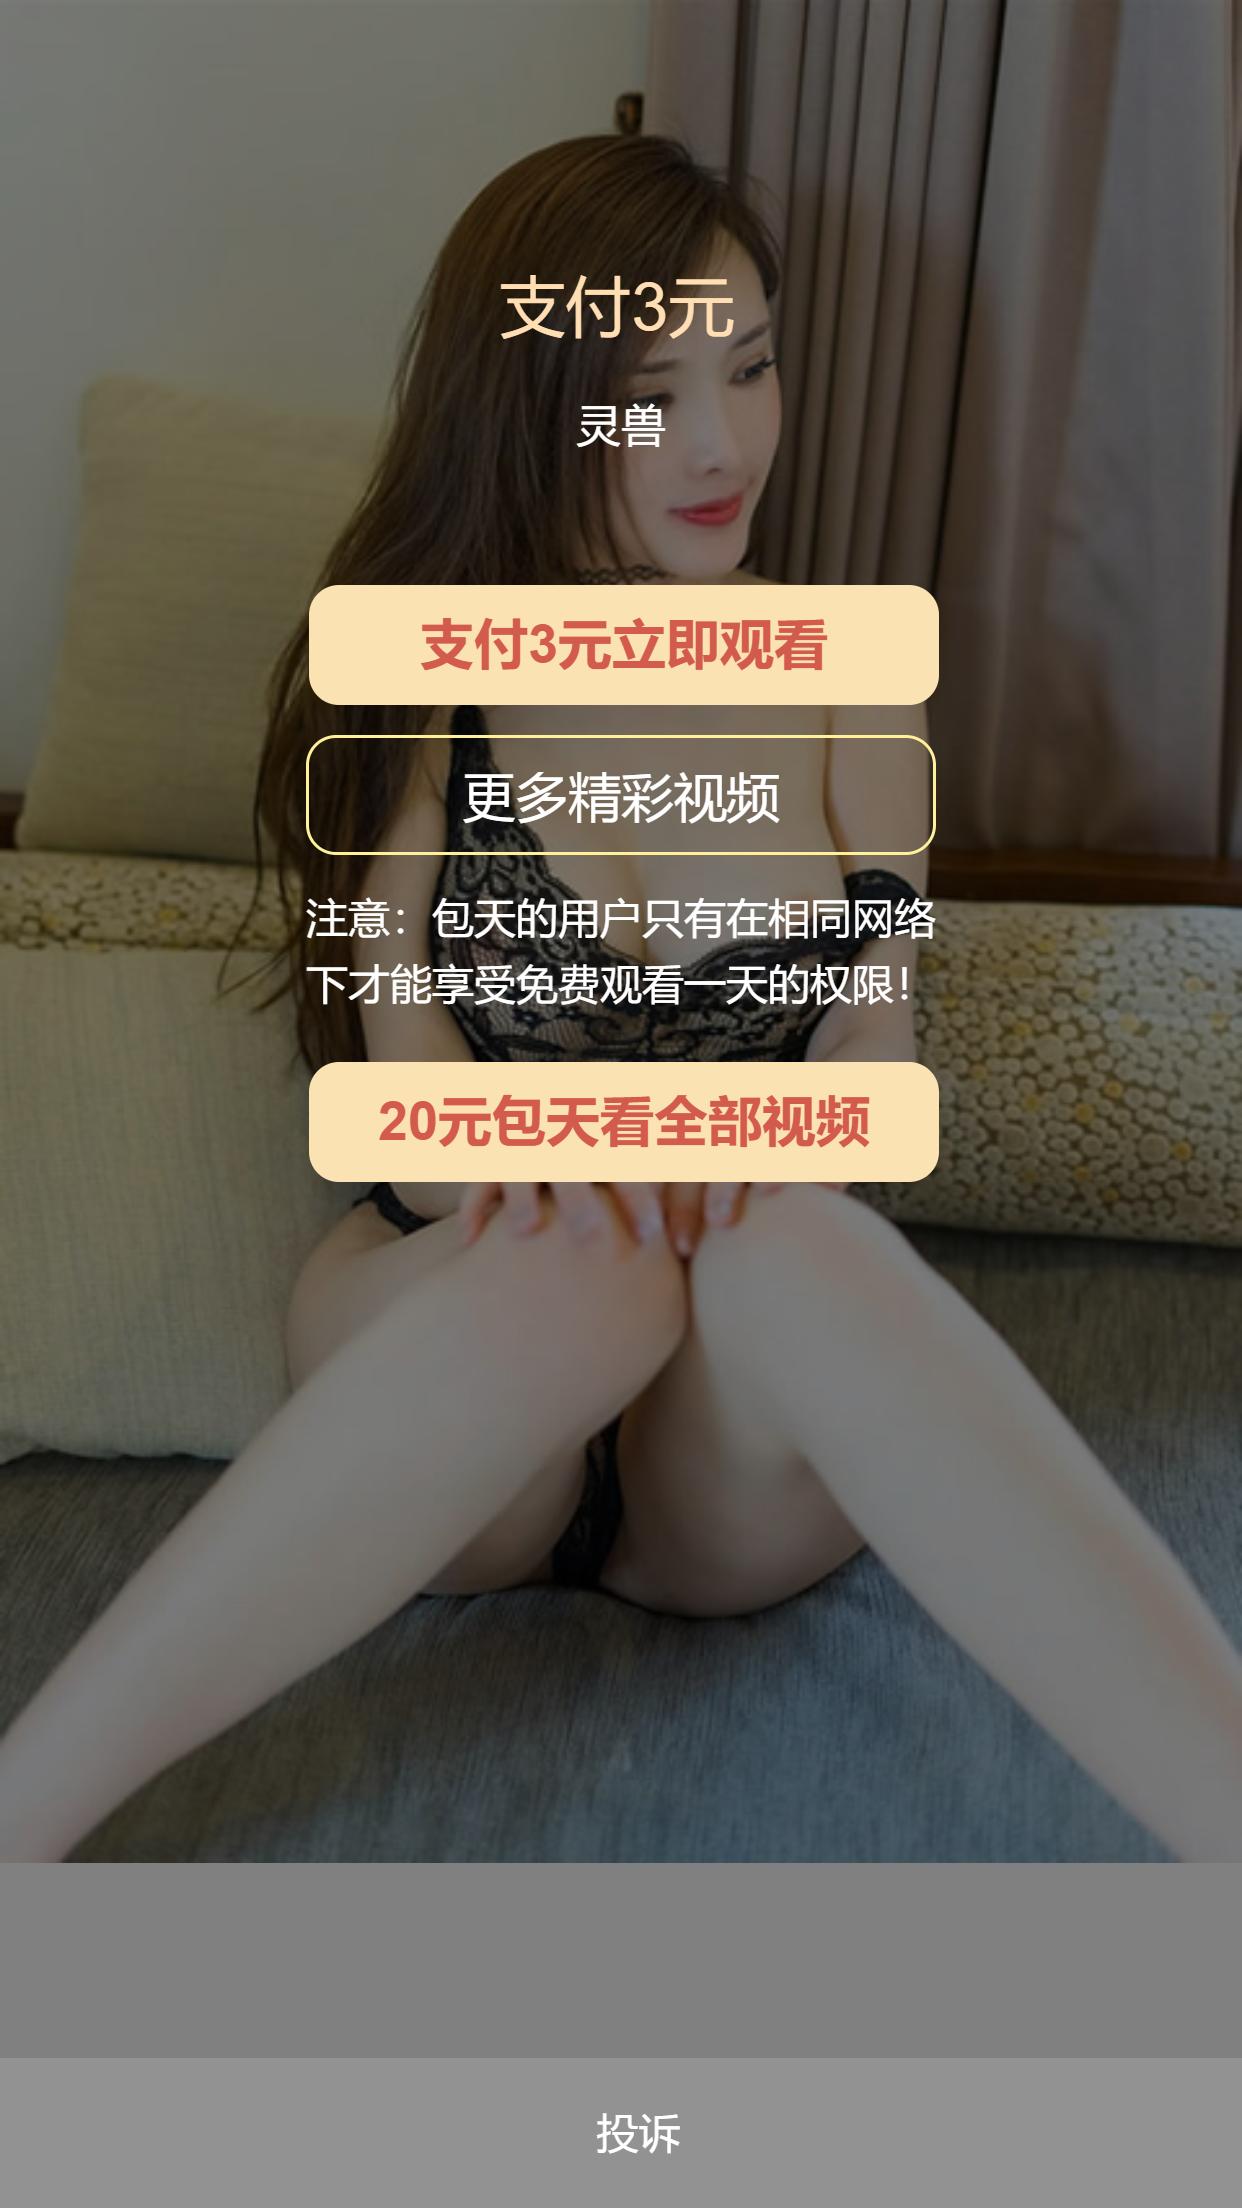 【影音视频】云赏8.2 视频打赏系统微赏会员版影视系统点播带支付接口插图